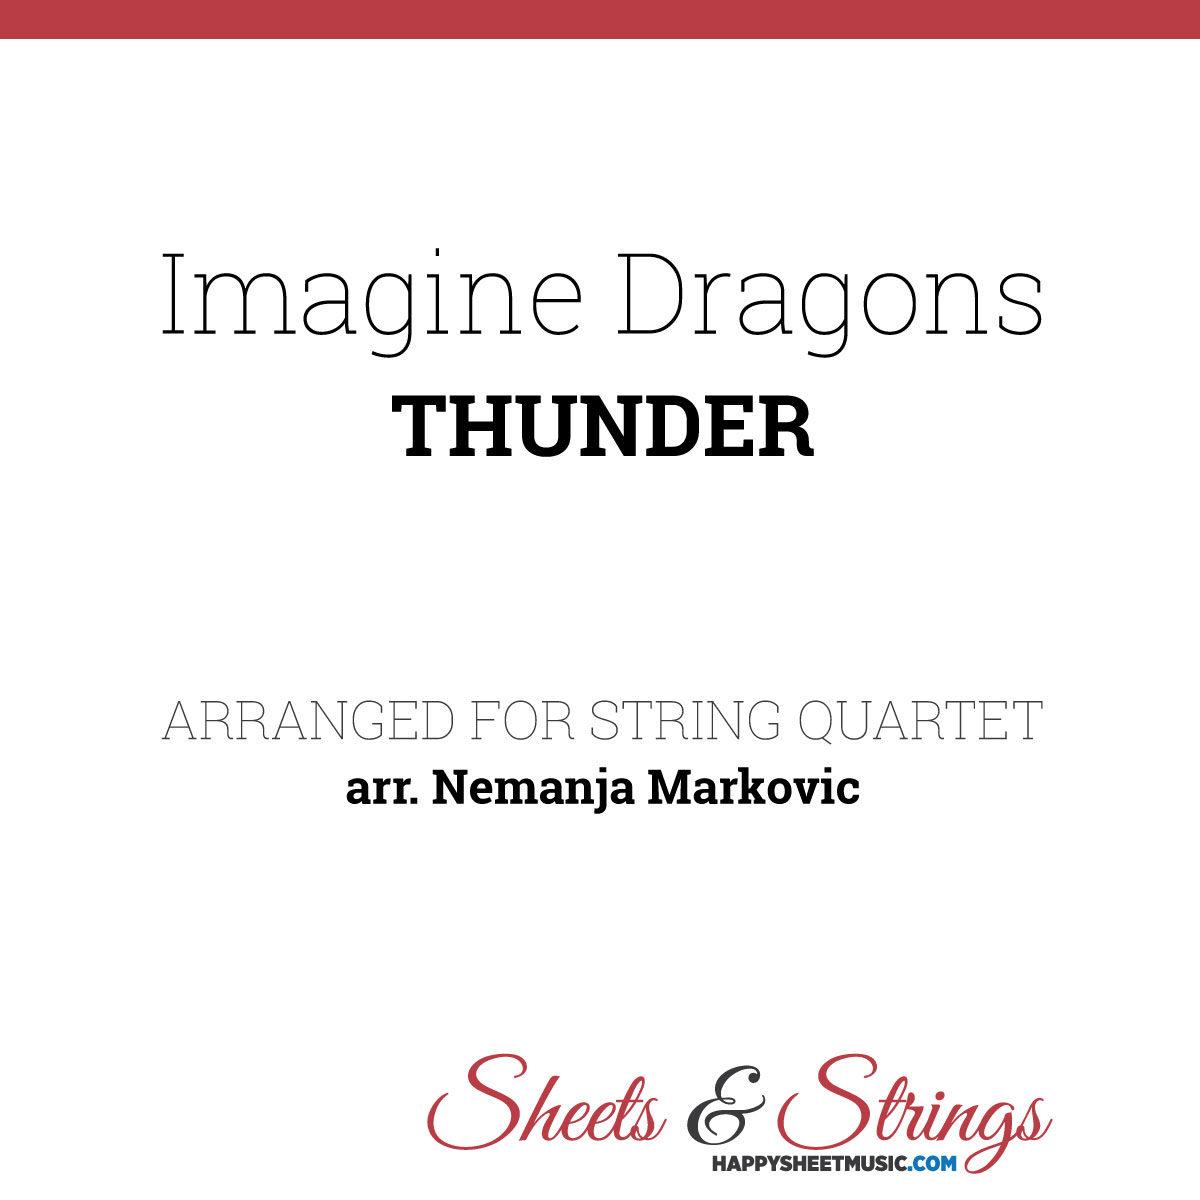 Imagine Dragons Thunder Sheet Music for String Quartet